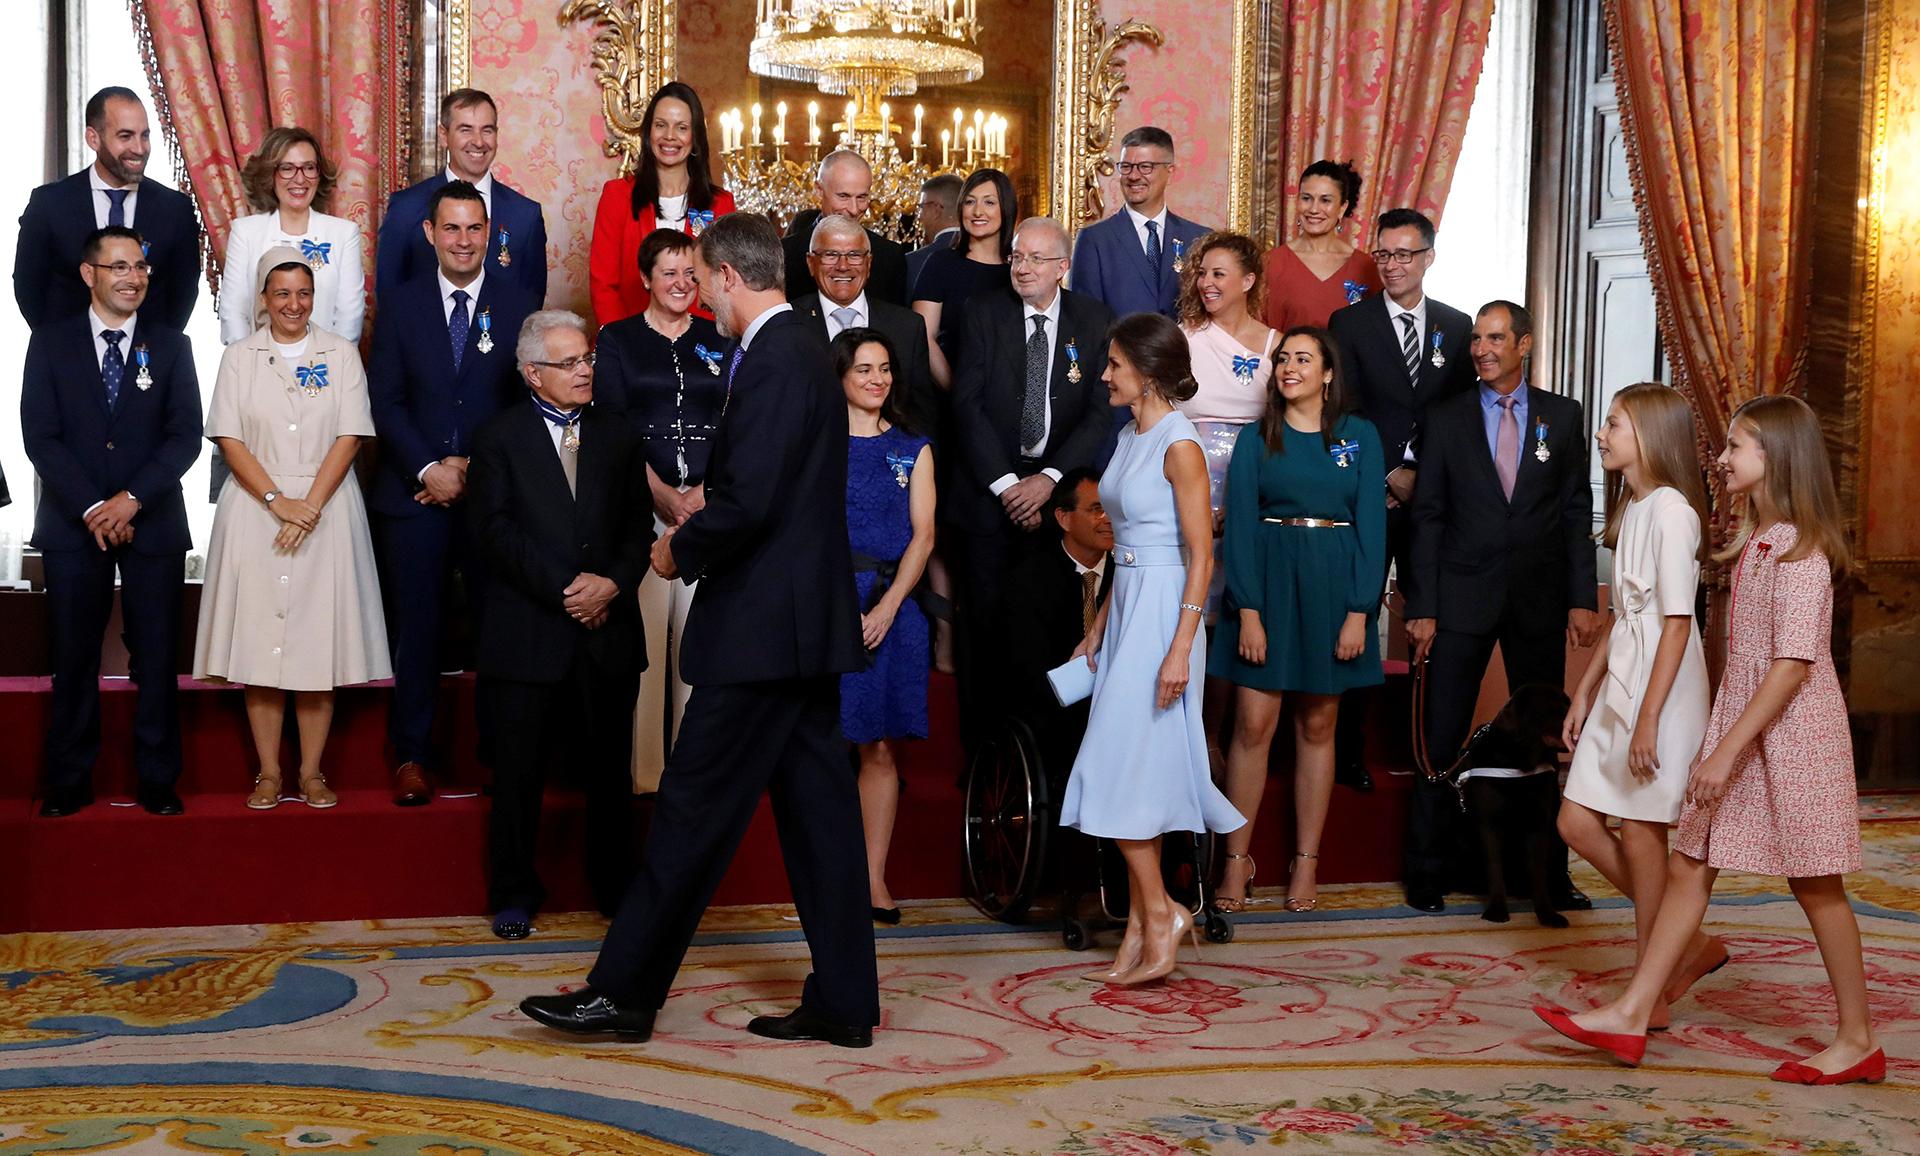 Antes de que el rey pronuncie un discurso, se impusieron las condecoraciones a los 41 elegidos procedentes de las diecisiete comunidades, así como de las ciudades autónomas de Ceuta y Melilla